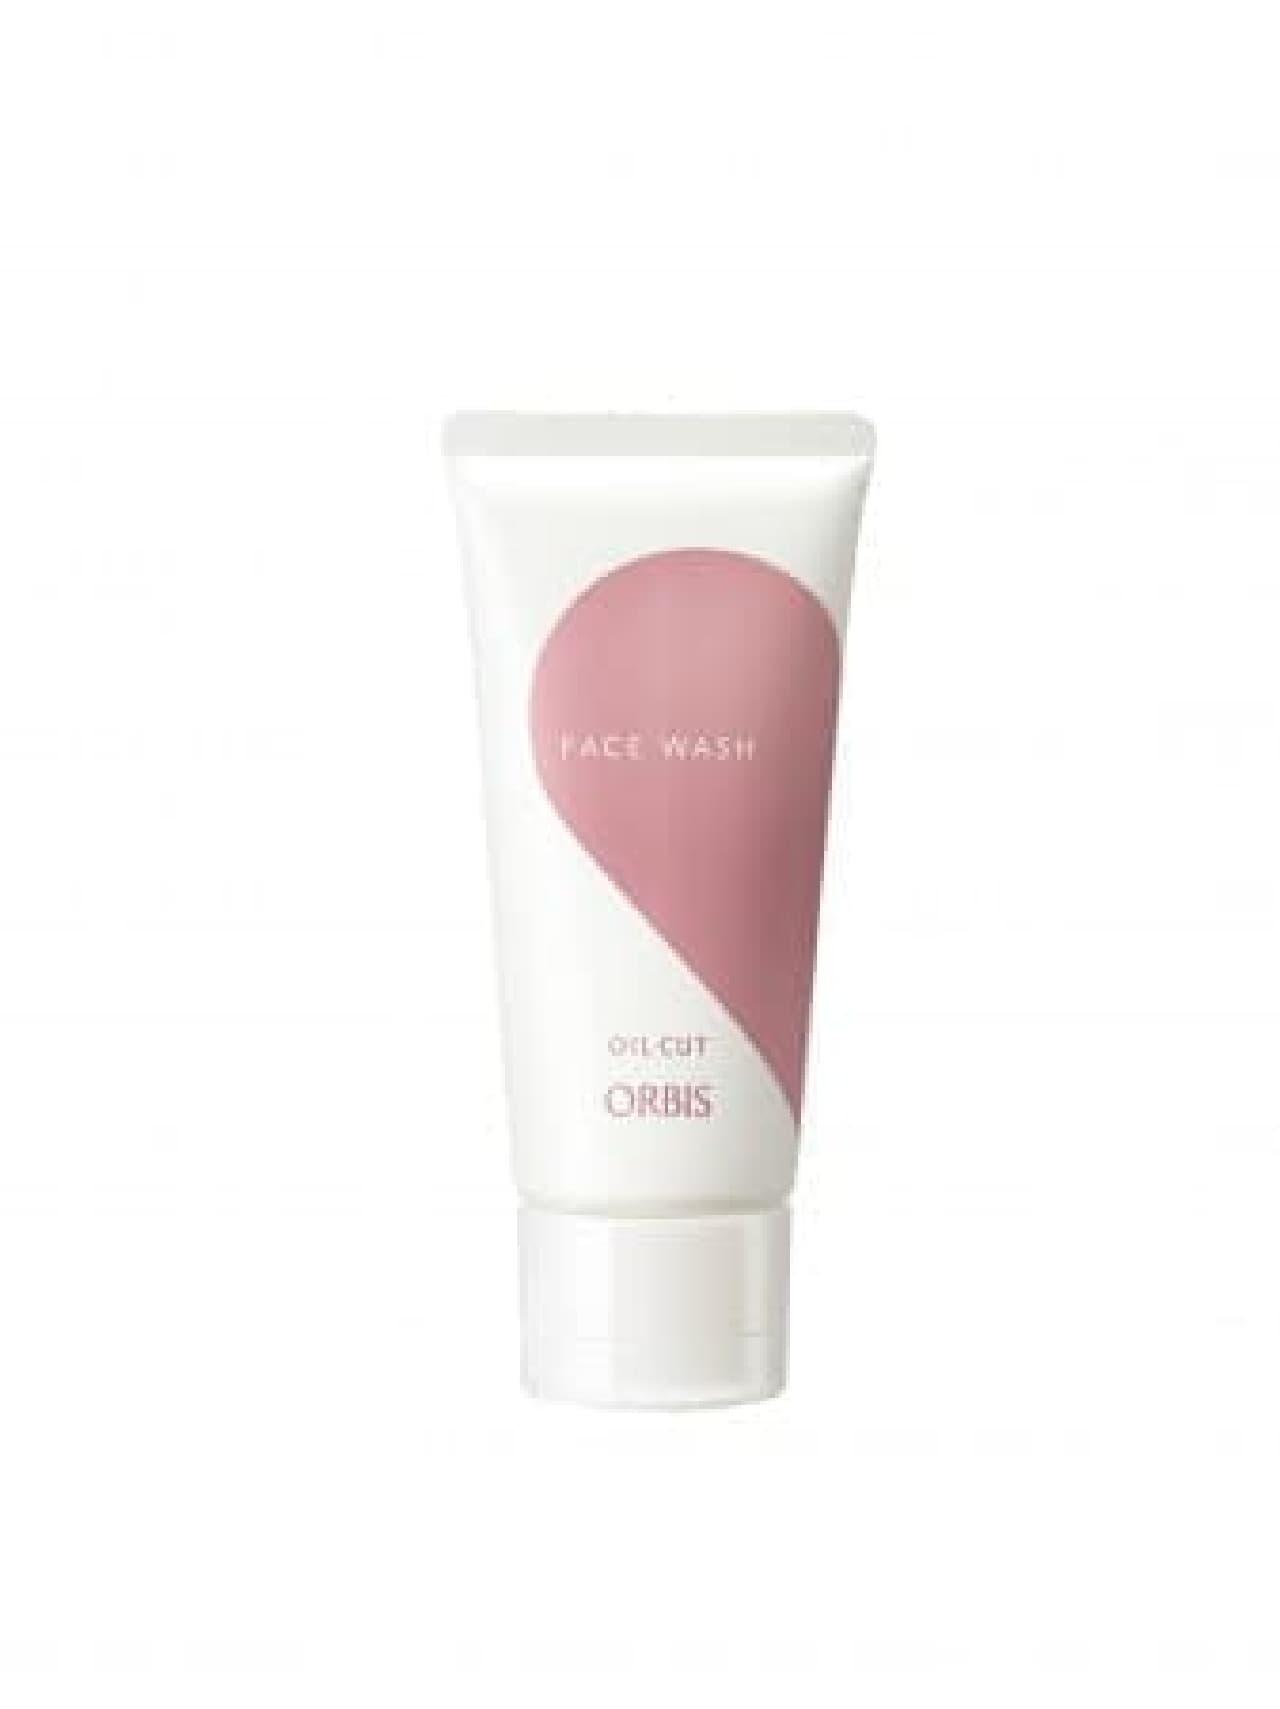 オルビスからバレンタインデー向けの洗顔料セット「レディース アンド メンズ ツインウォッシュ」